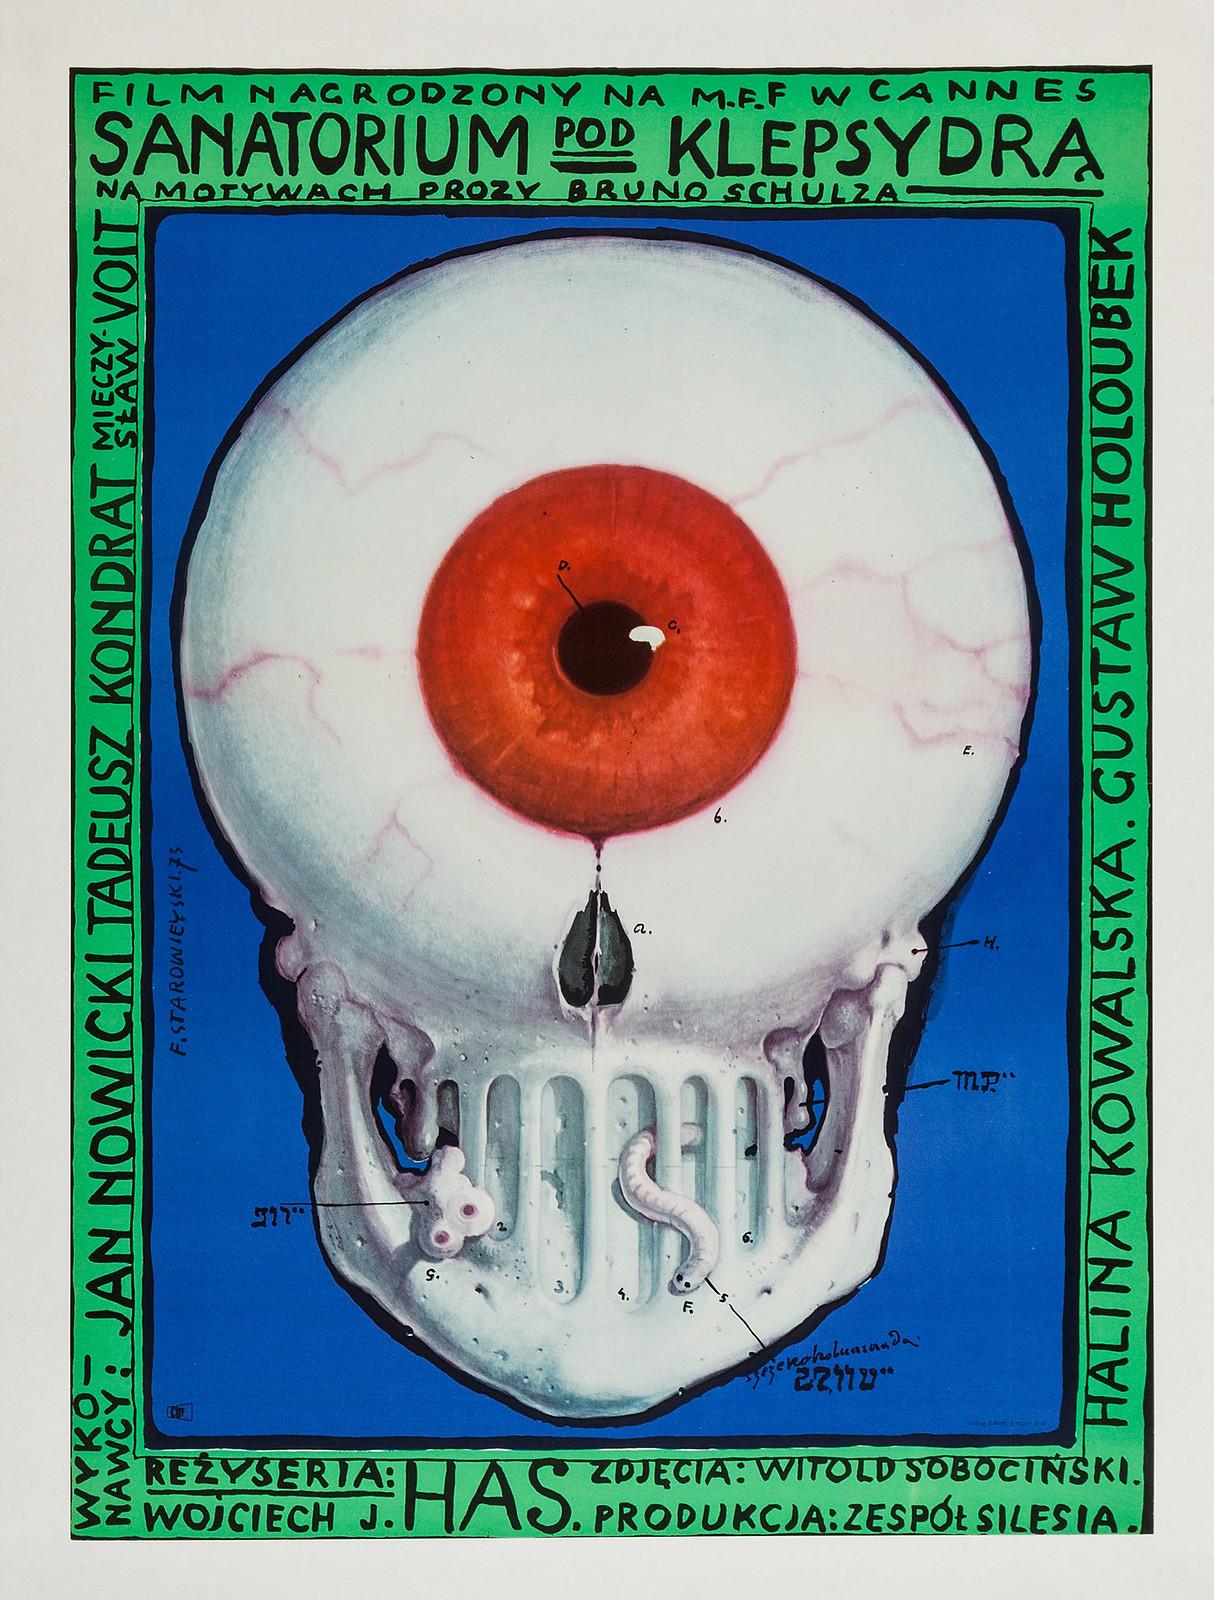 Franciszek Starowieyski - The Hourglass Sanatorium, 1973